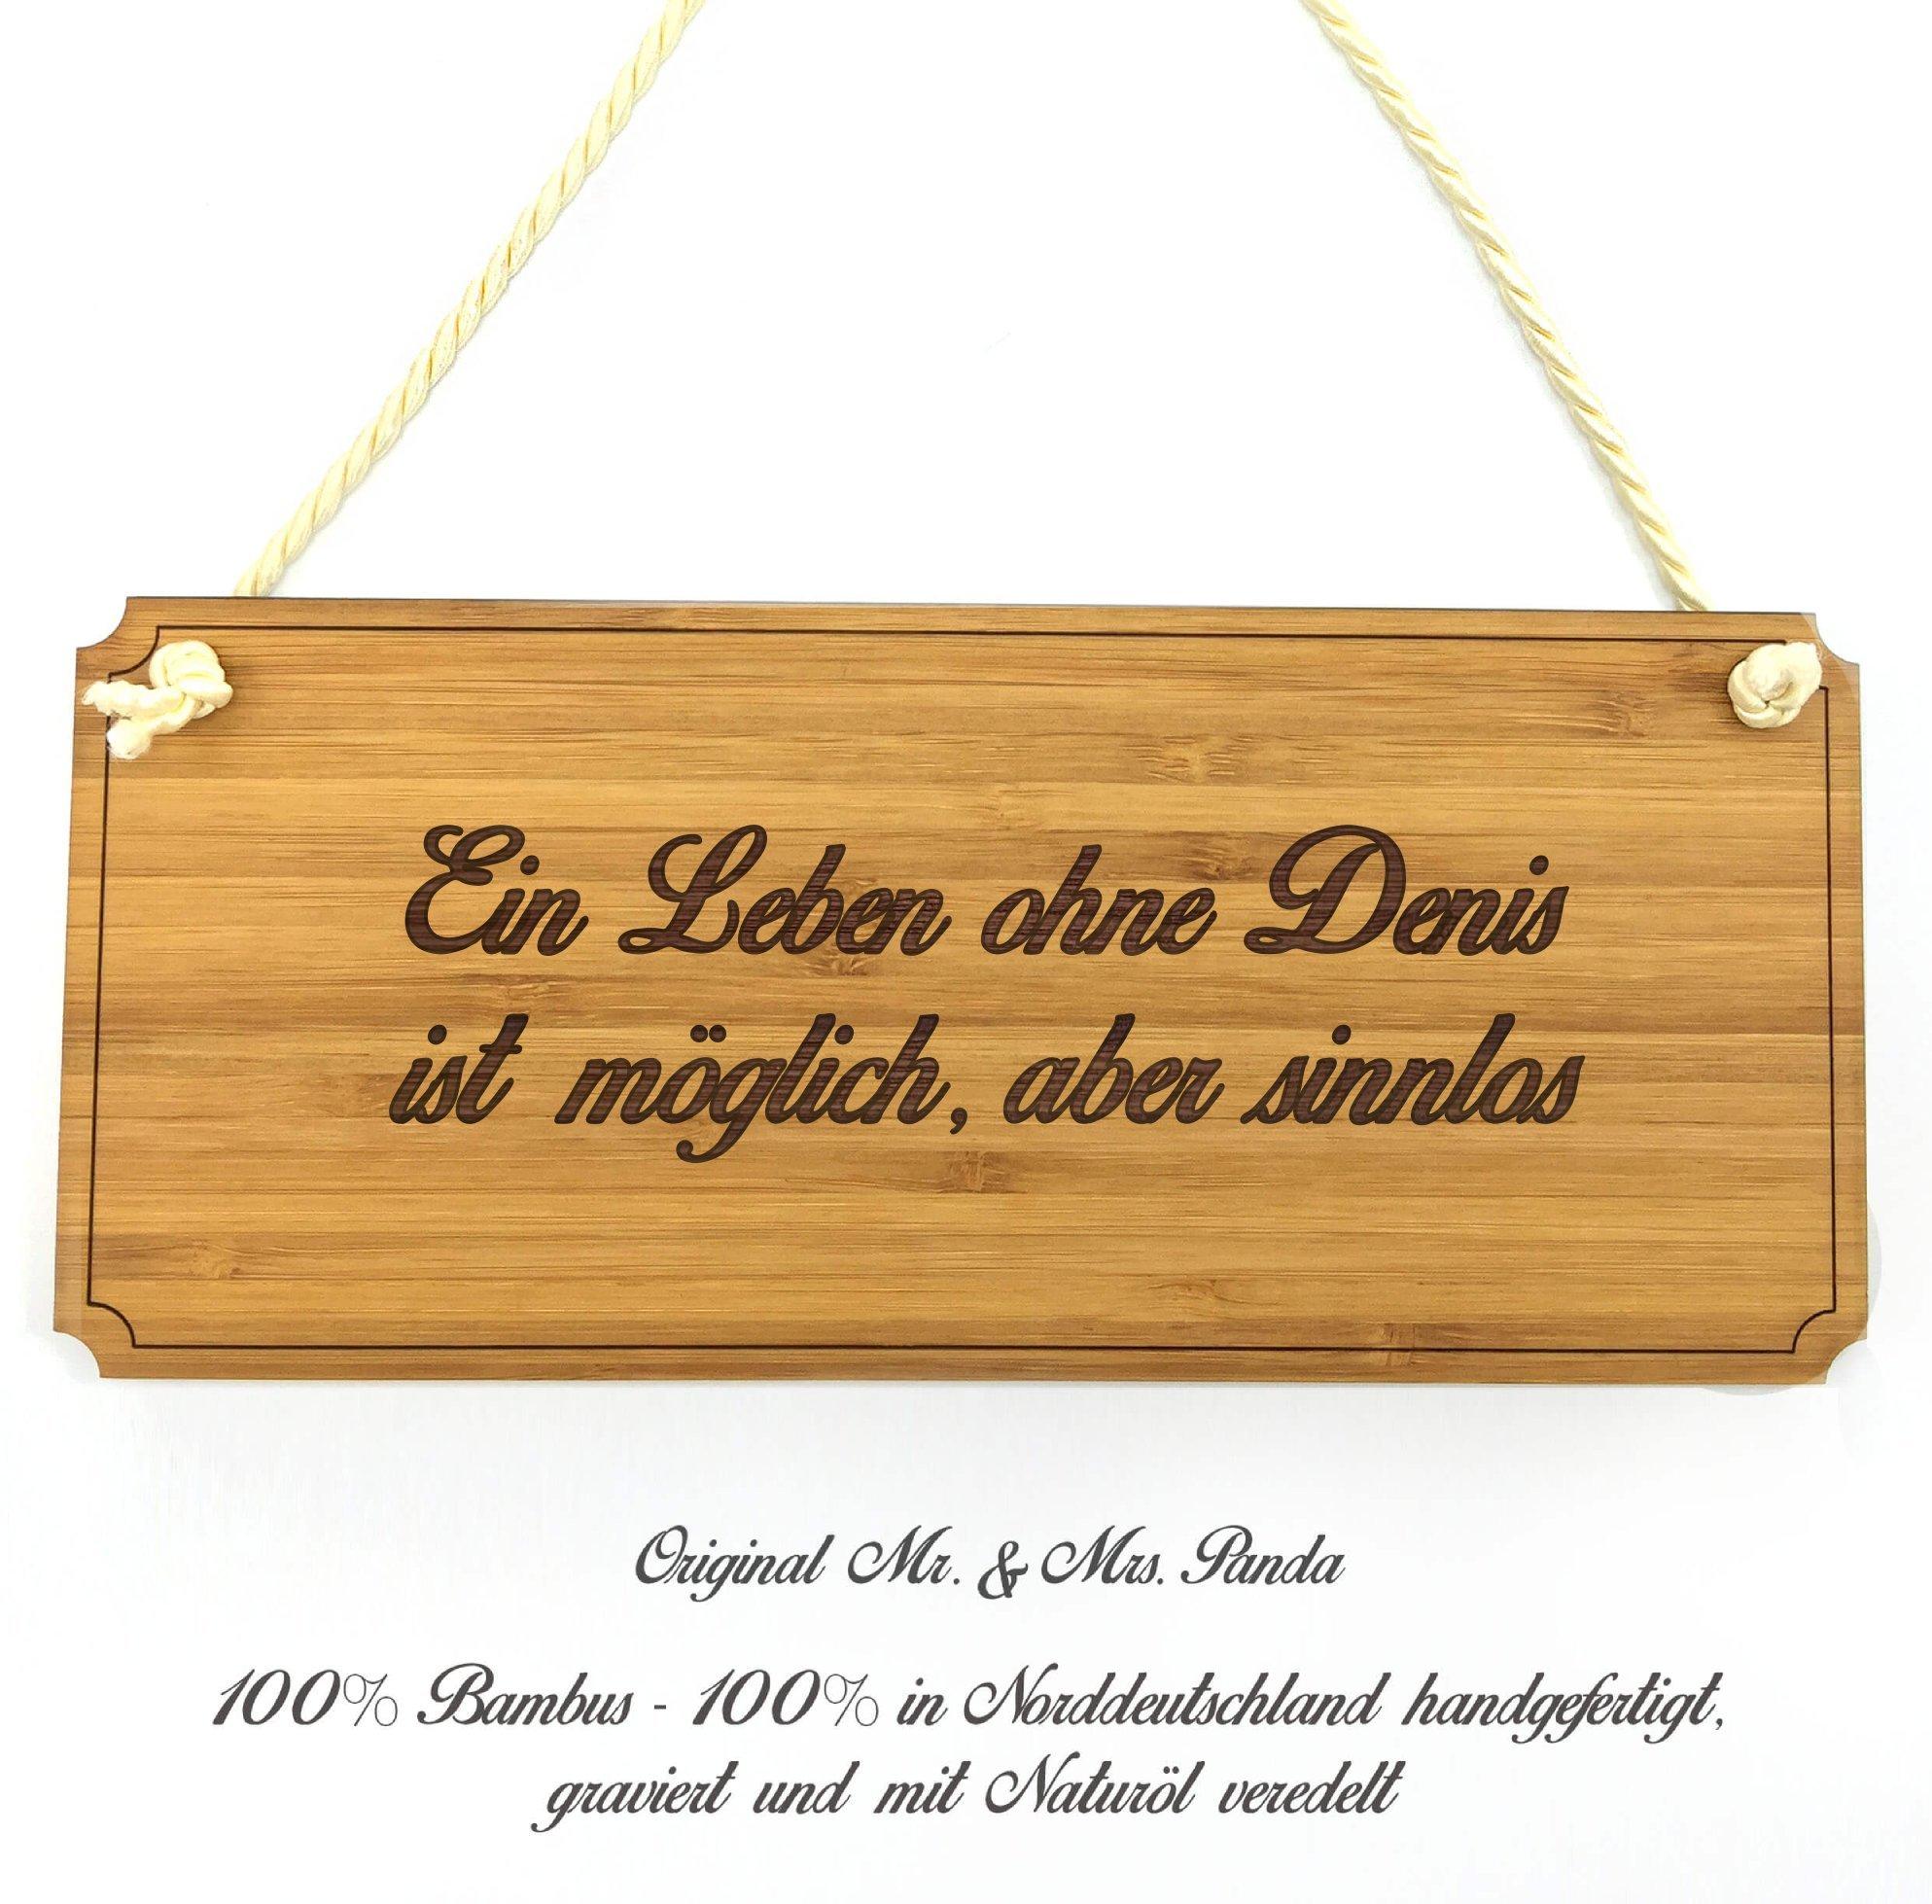 Mr. & Mrs. Panda Türschild Denis Classic Schild - 100% handgefertigt aus Bambus Holz - Anhänger, Geschenk, Vorname, Name…